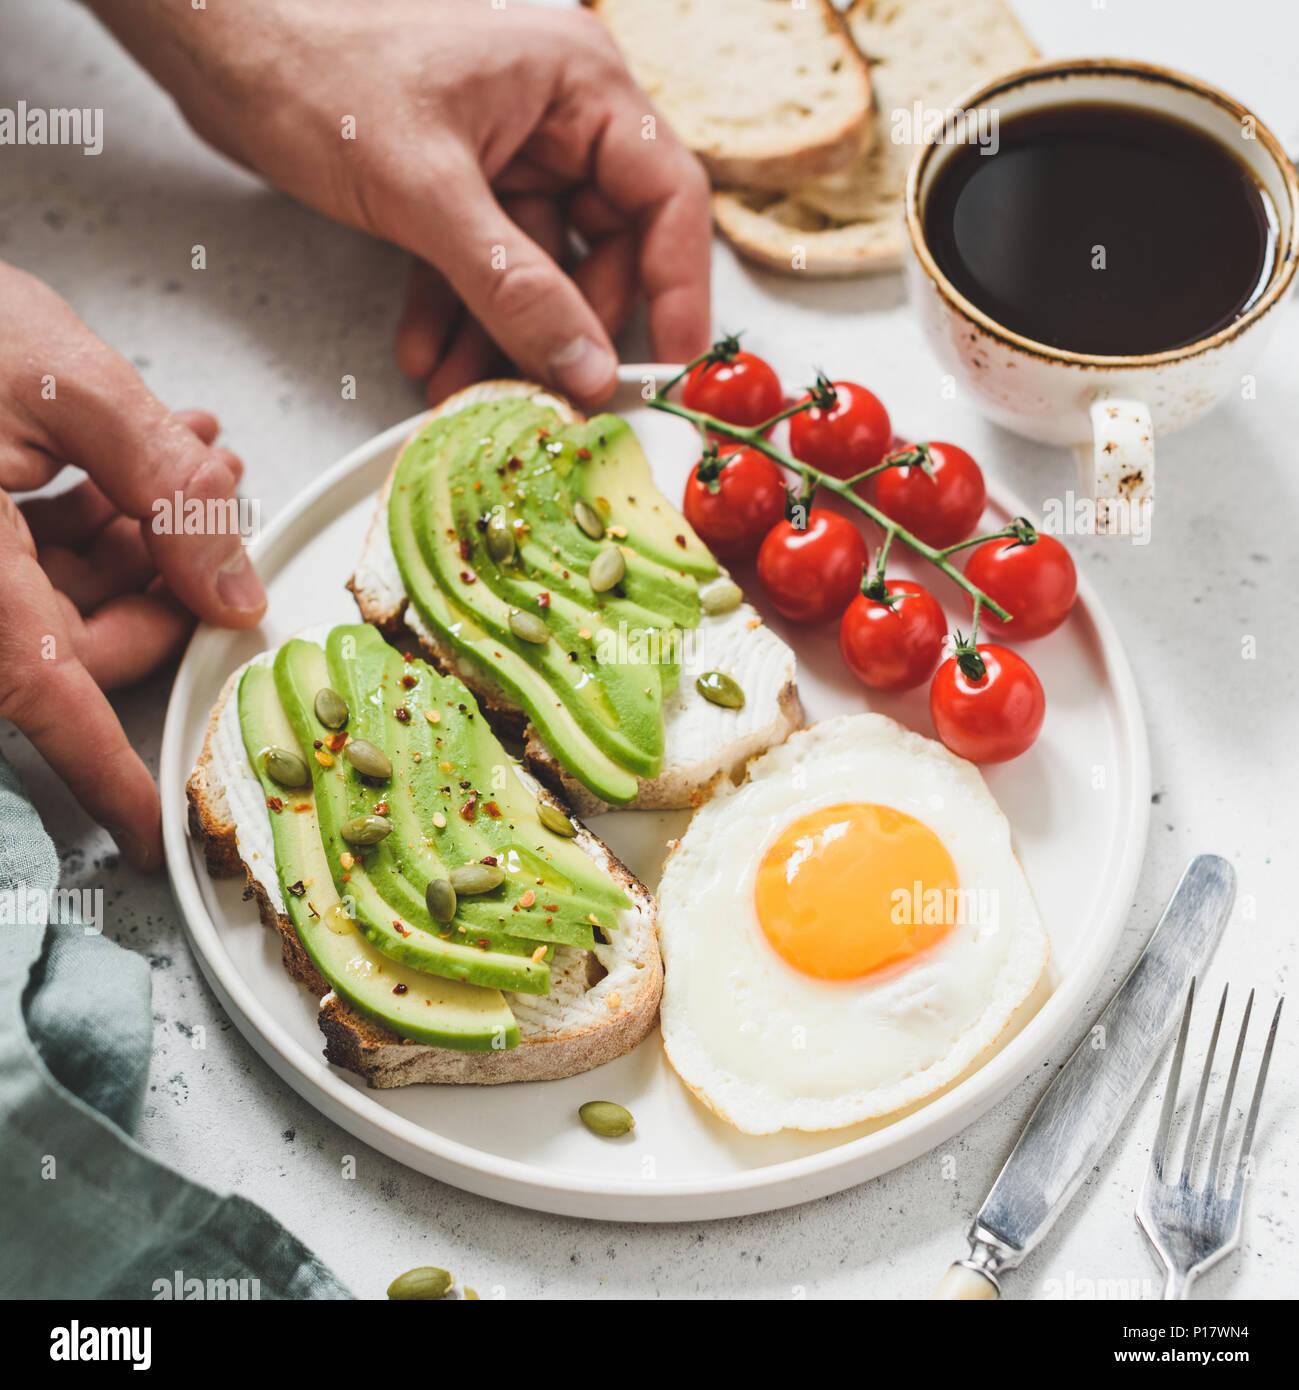 Toast con avocado, Uovo fritto, pomodori e tazza di caffè. Una sana prima colazione. Mani tenendo la piastra con una sana prima colazione il cibo. Concetto di vita sana Immagini Stock